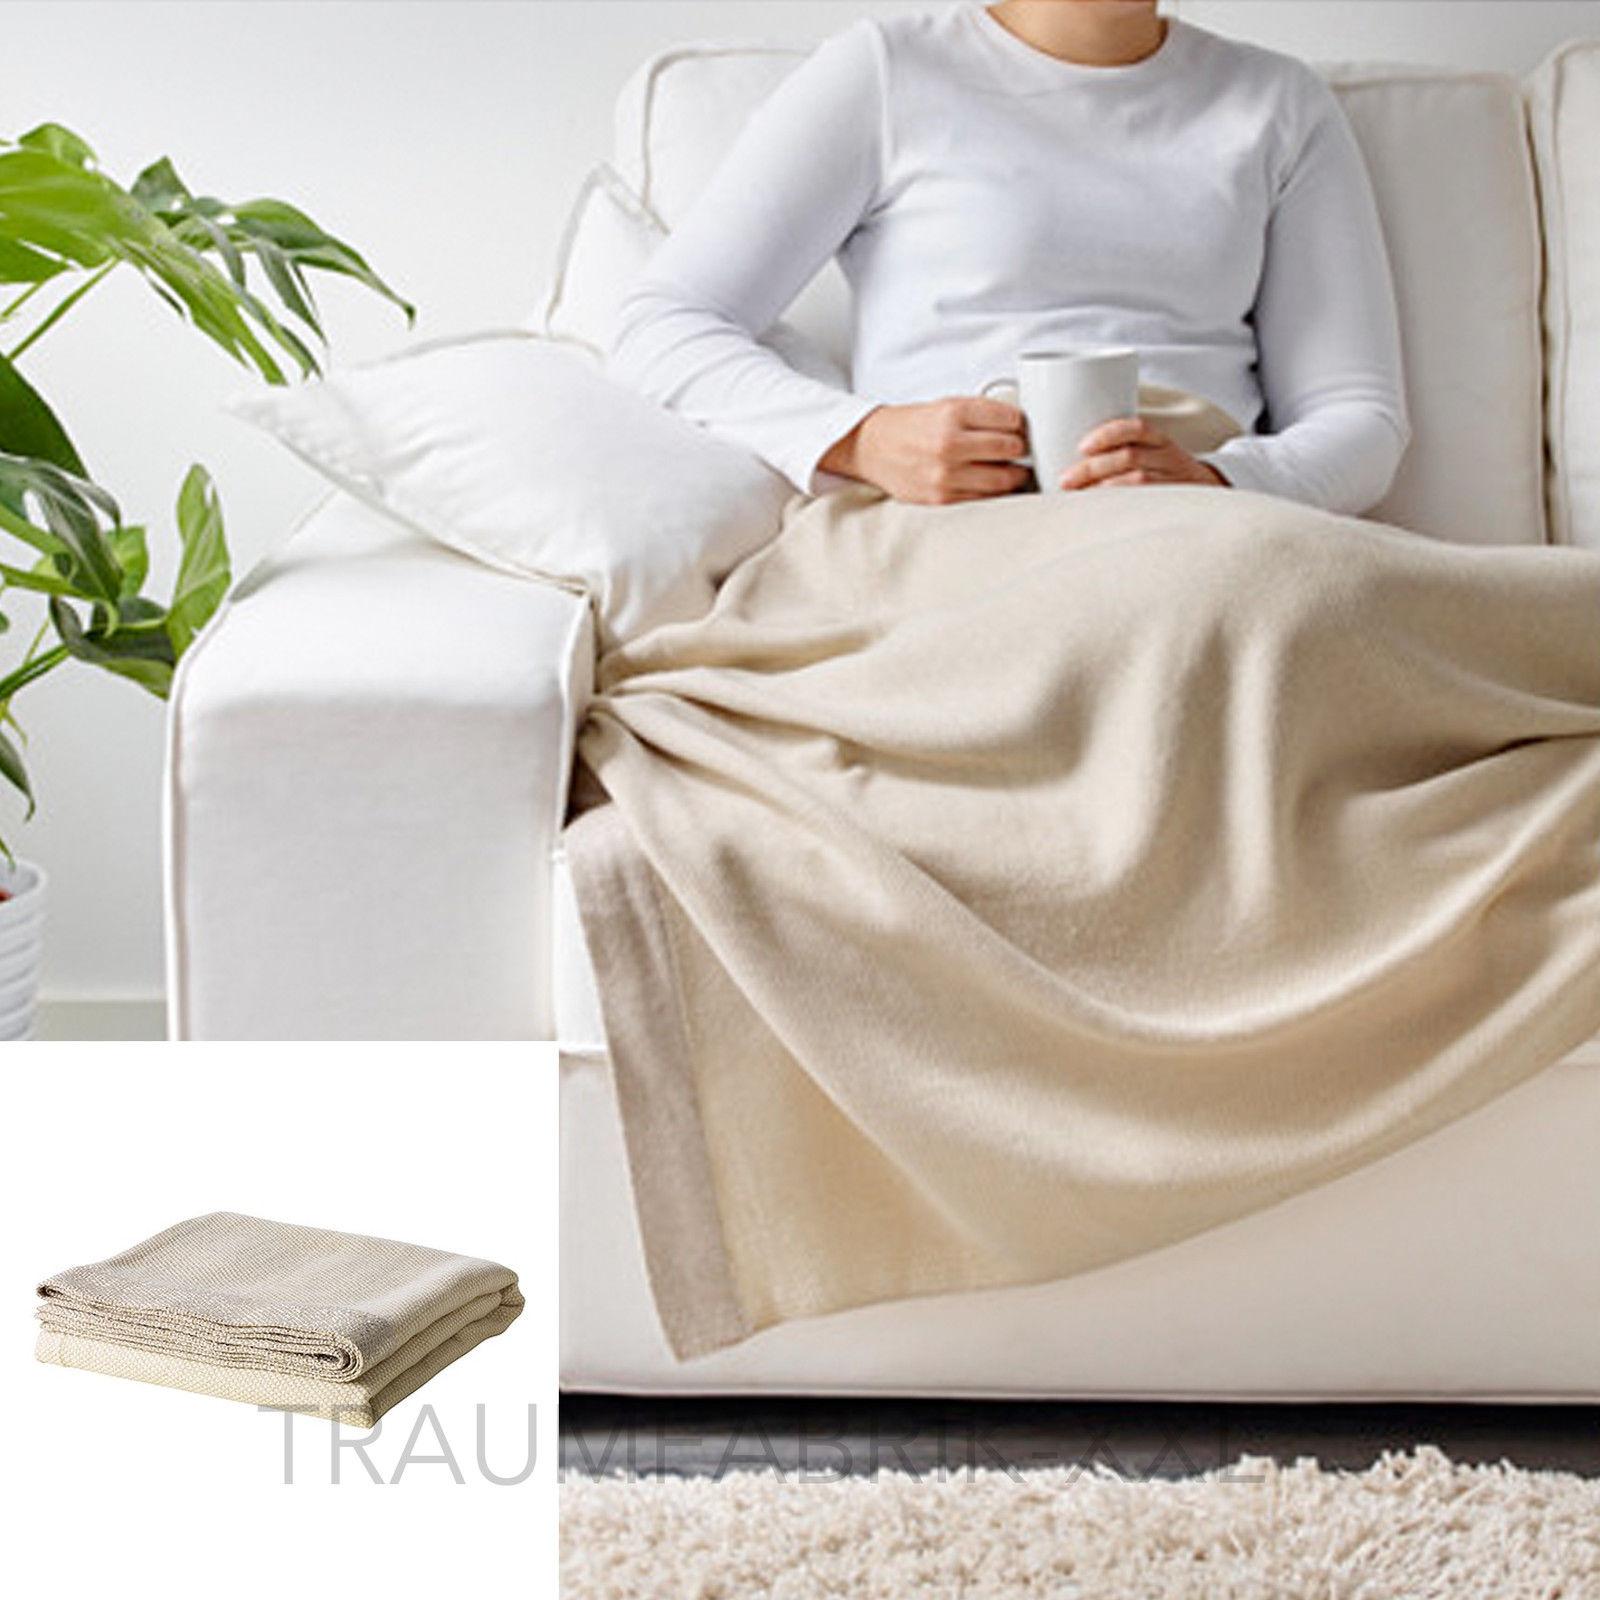 Exquisit Decke Beige Foto Von Ikea-tagesdecke-120×180-cm-decke-kuscheldecke-plaid-